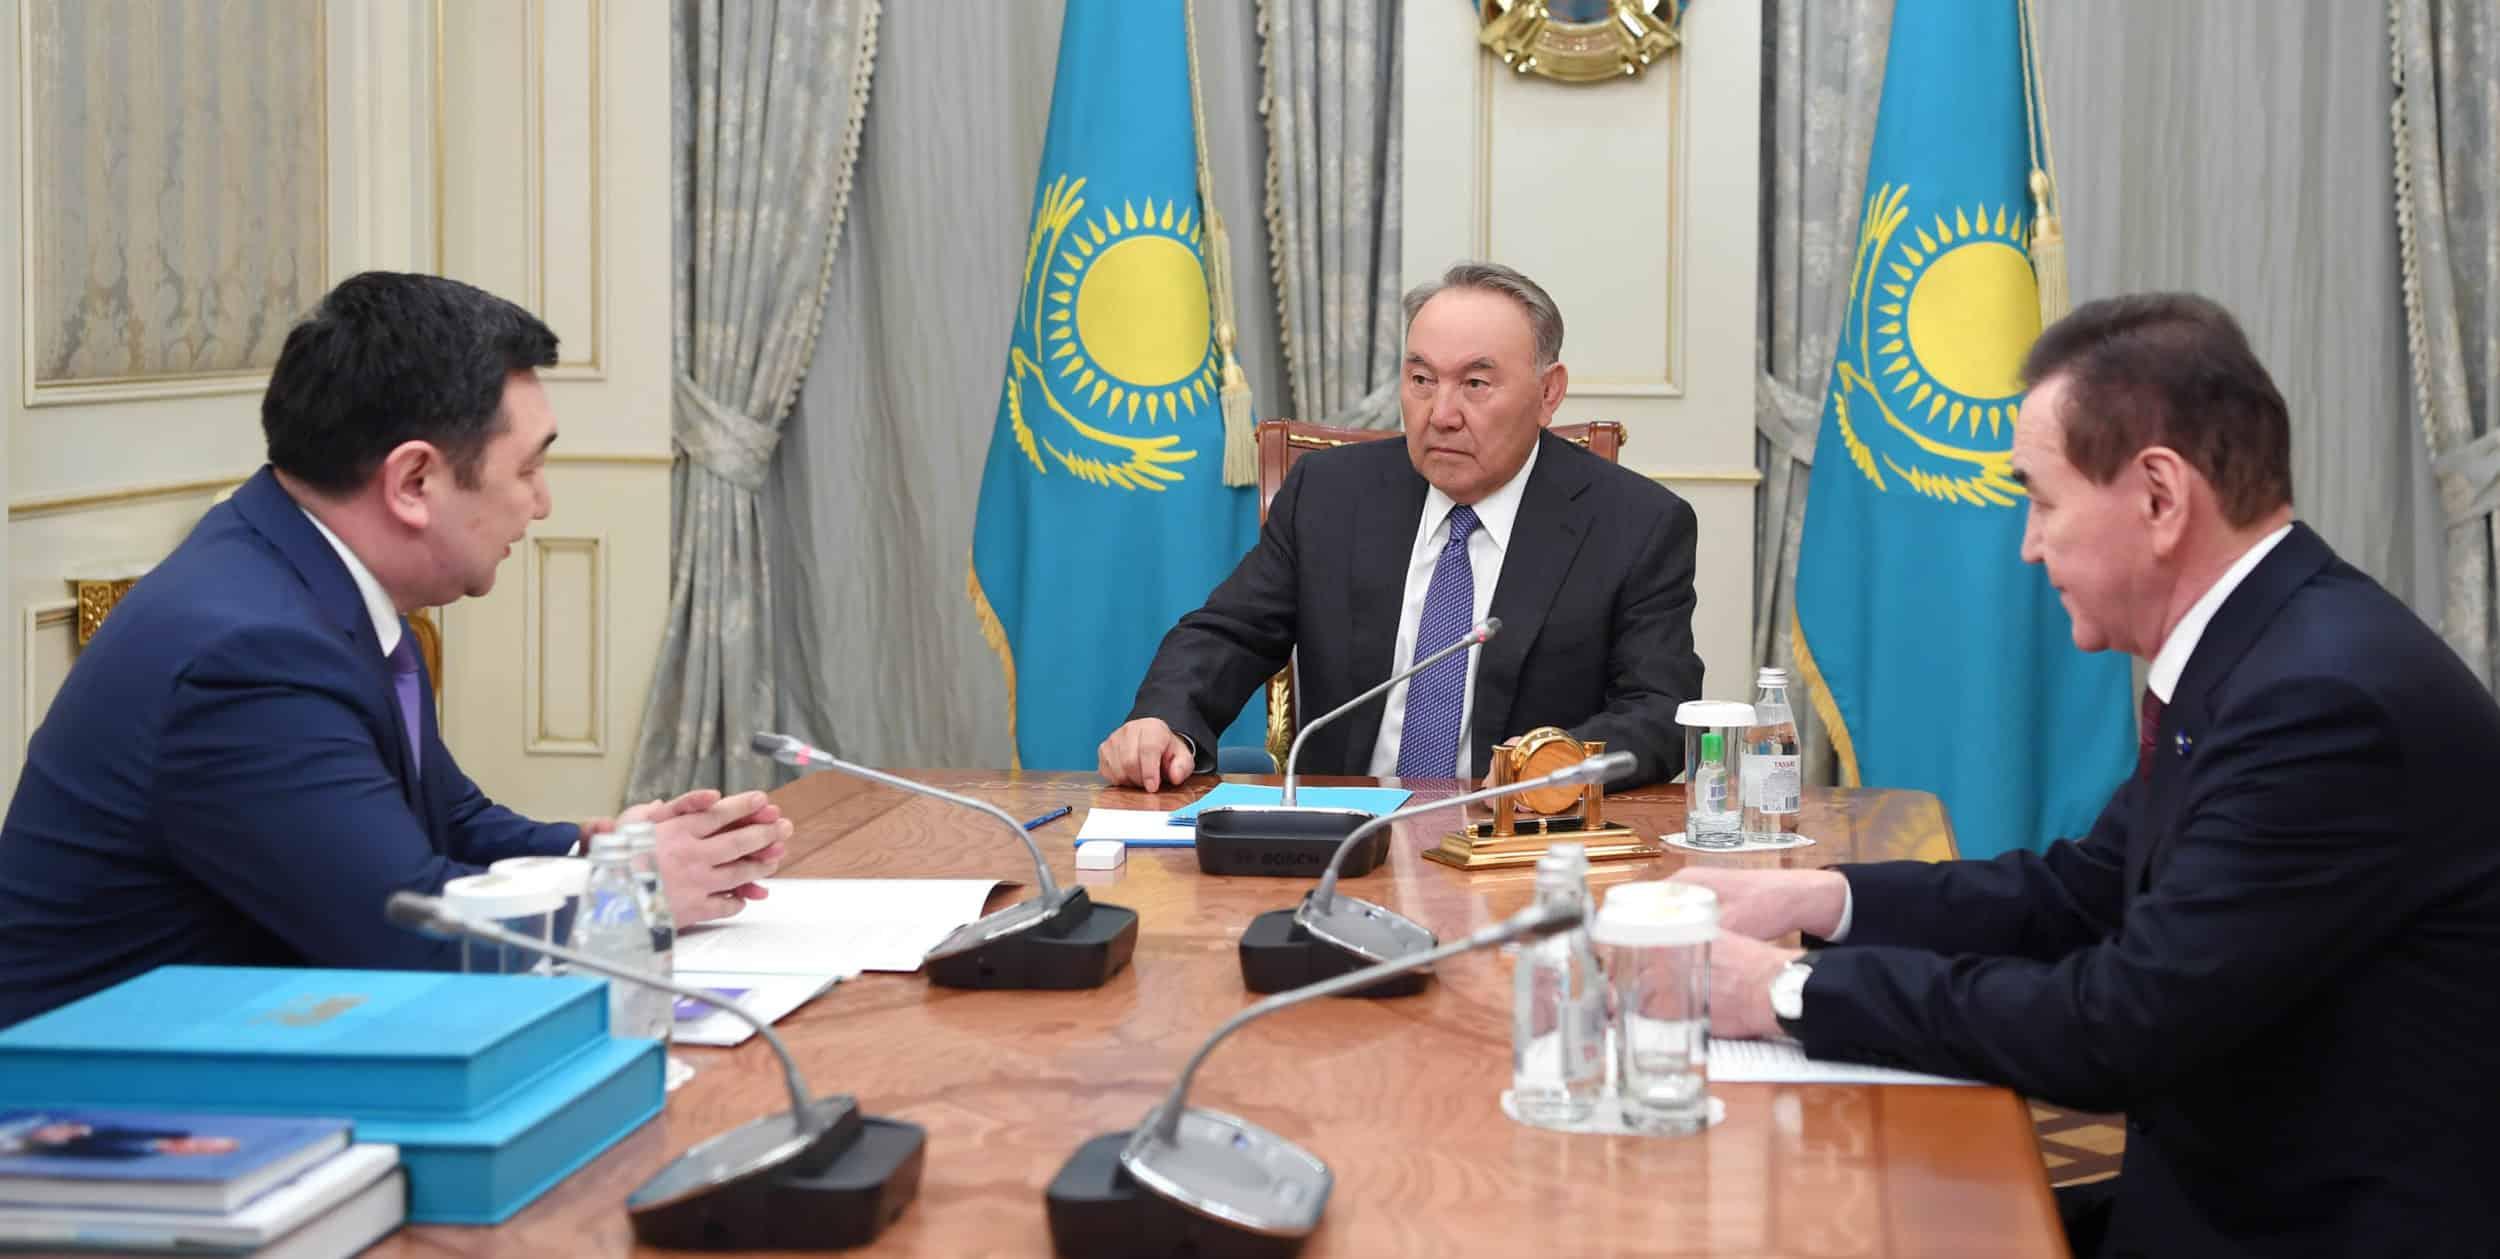 Нұрсұлтан Назарбаев пен Дархан Қыдырәлі